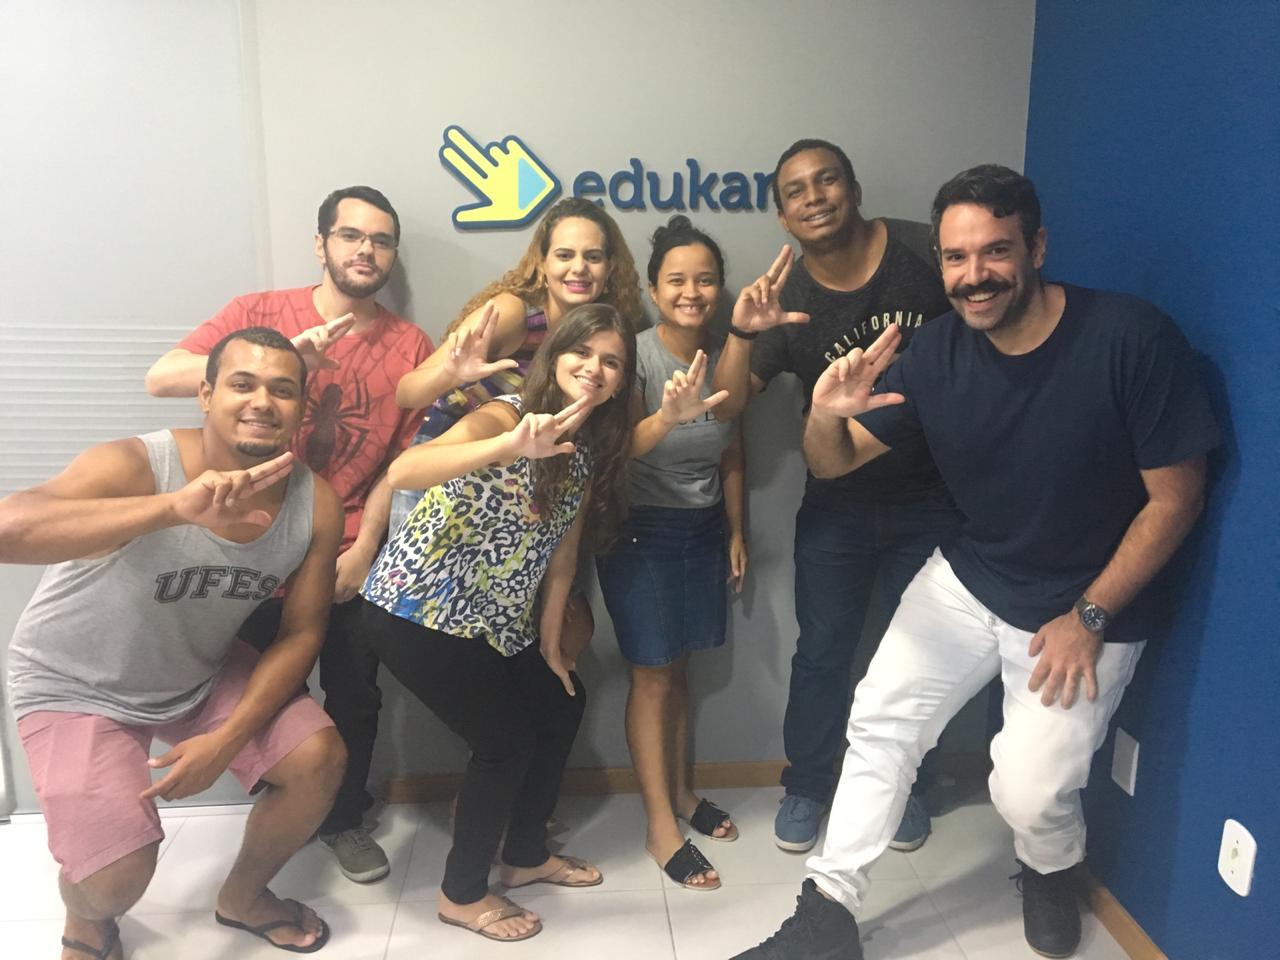 Foto: Equipe da Edukanet/ Divulgação